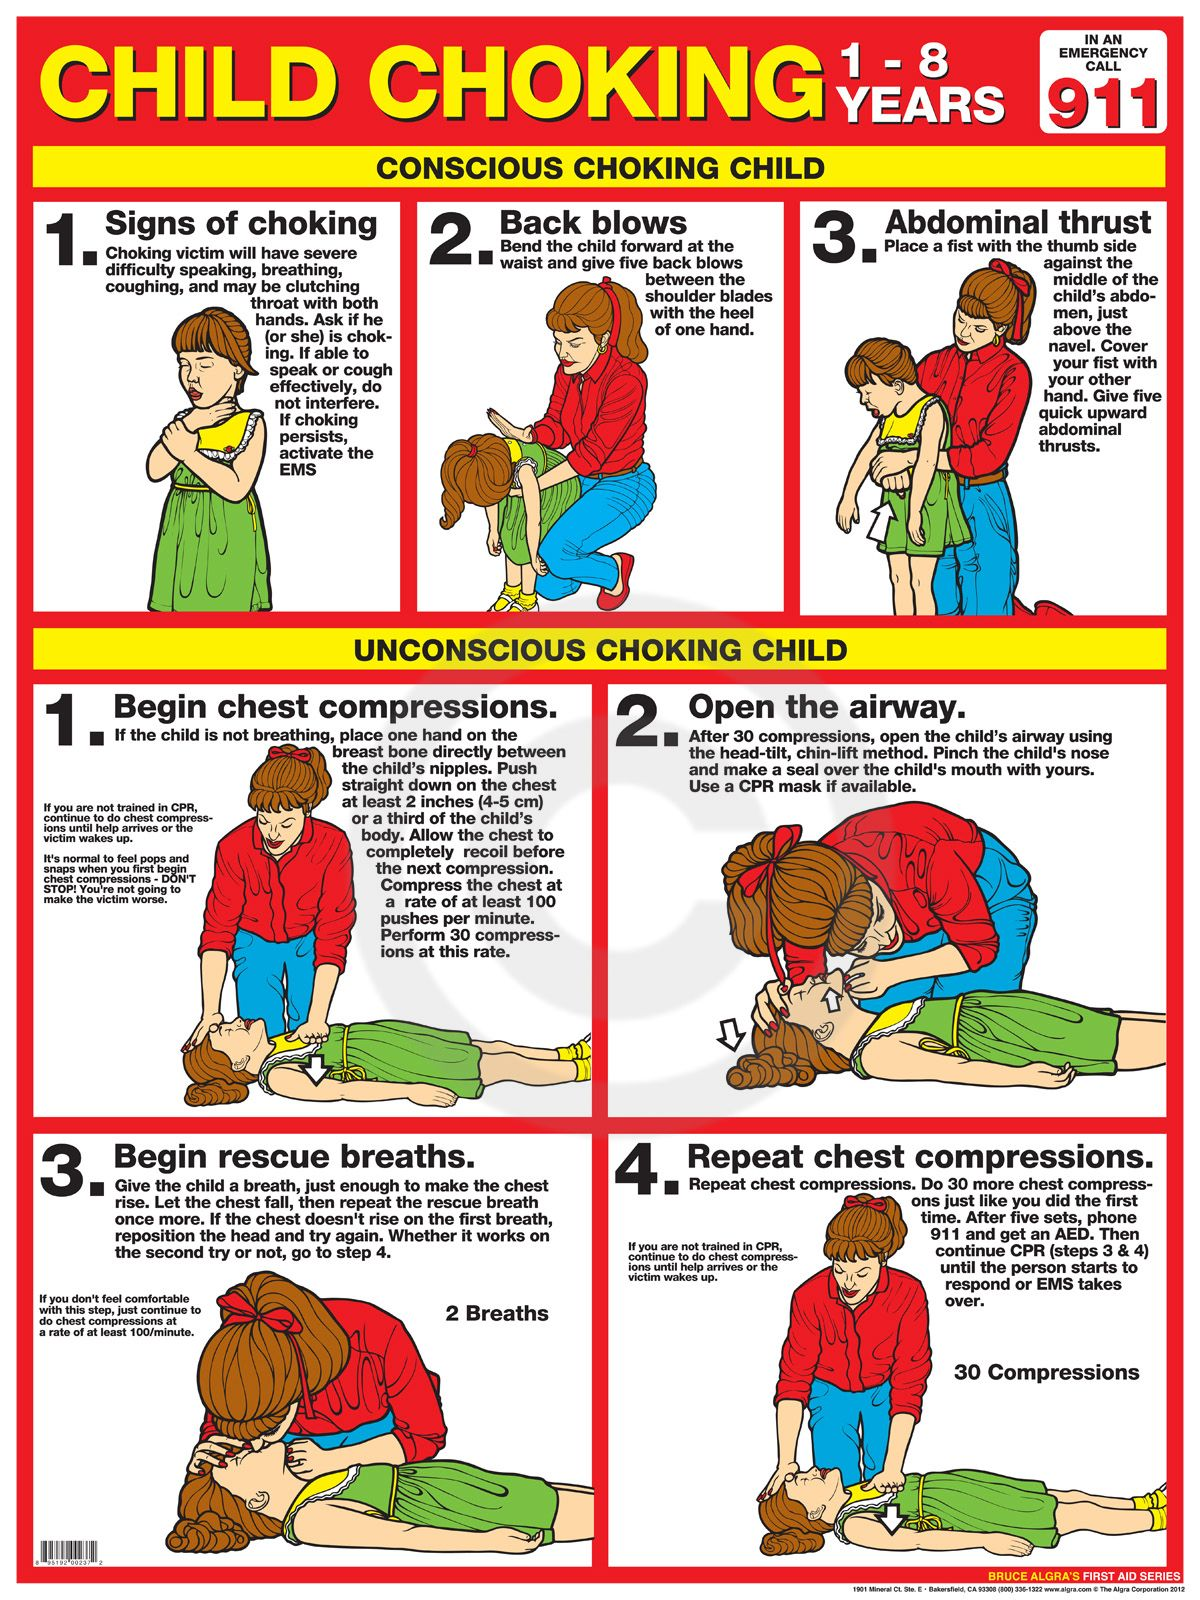 First Aid Choking Child